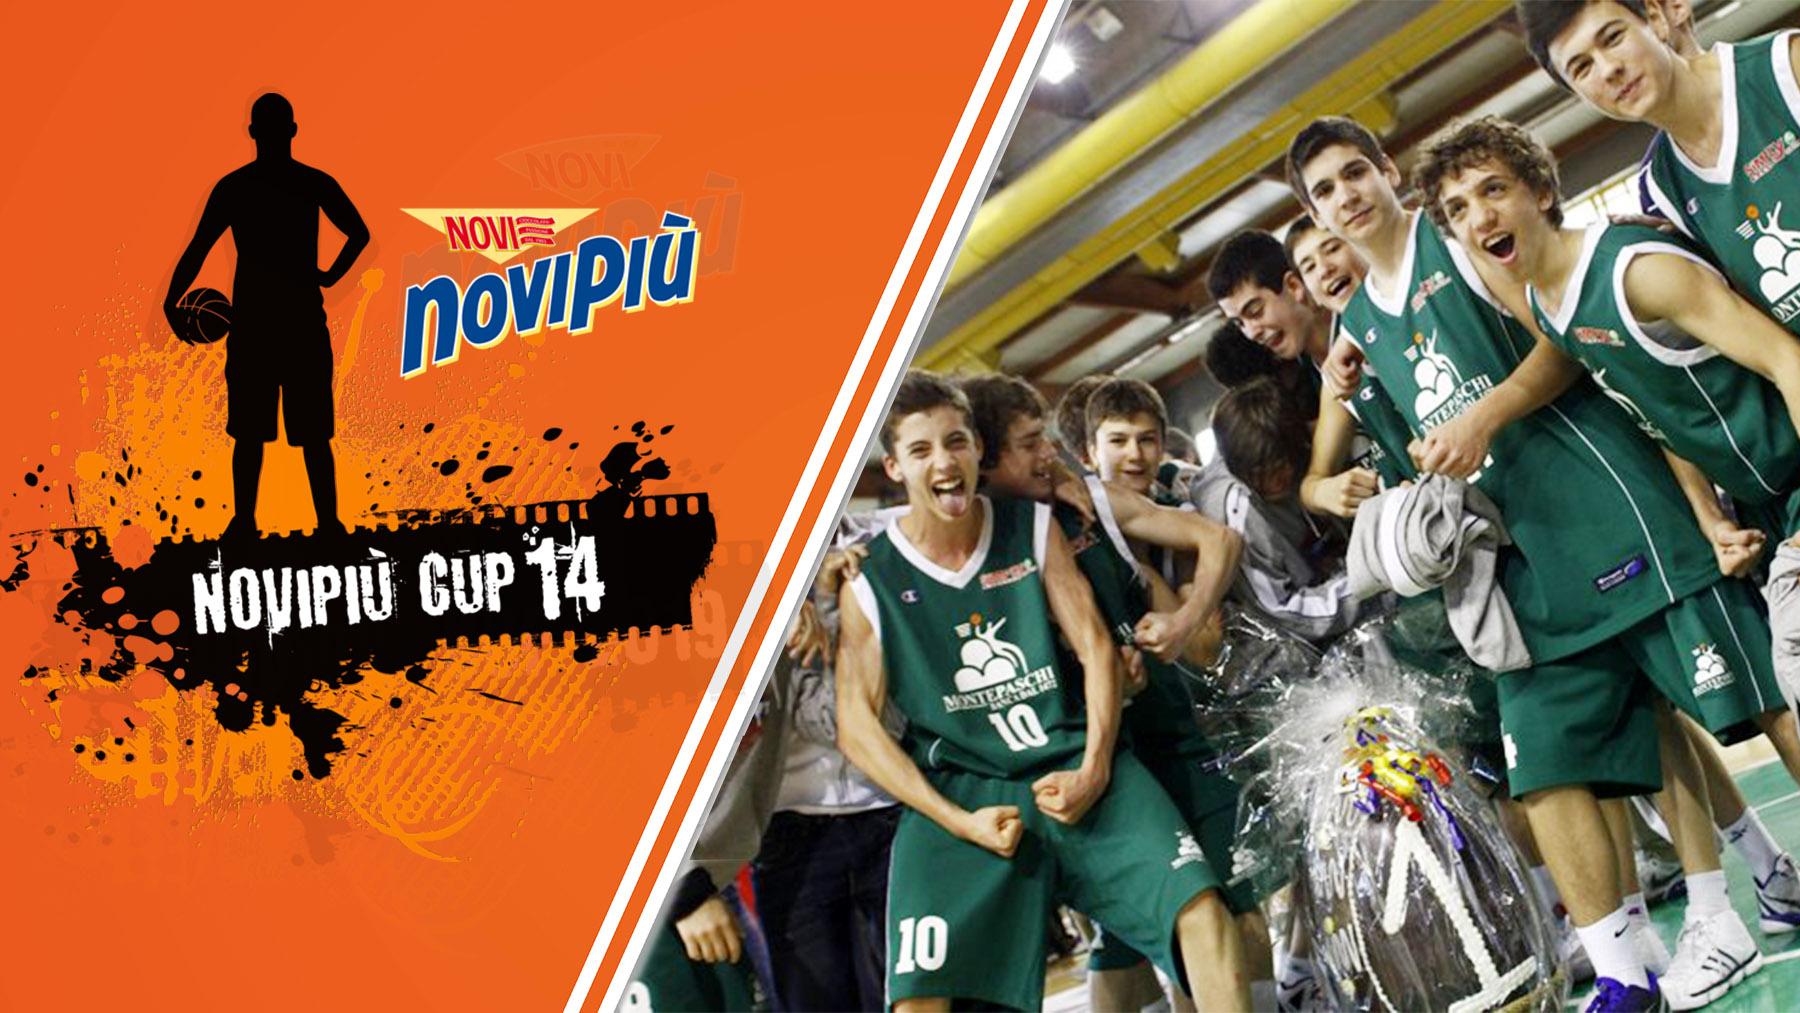 Novipiù Cup 2012